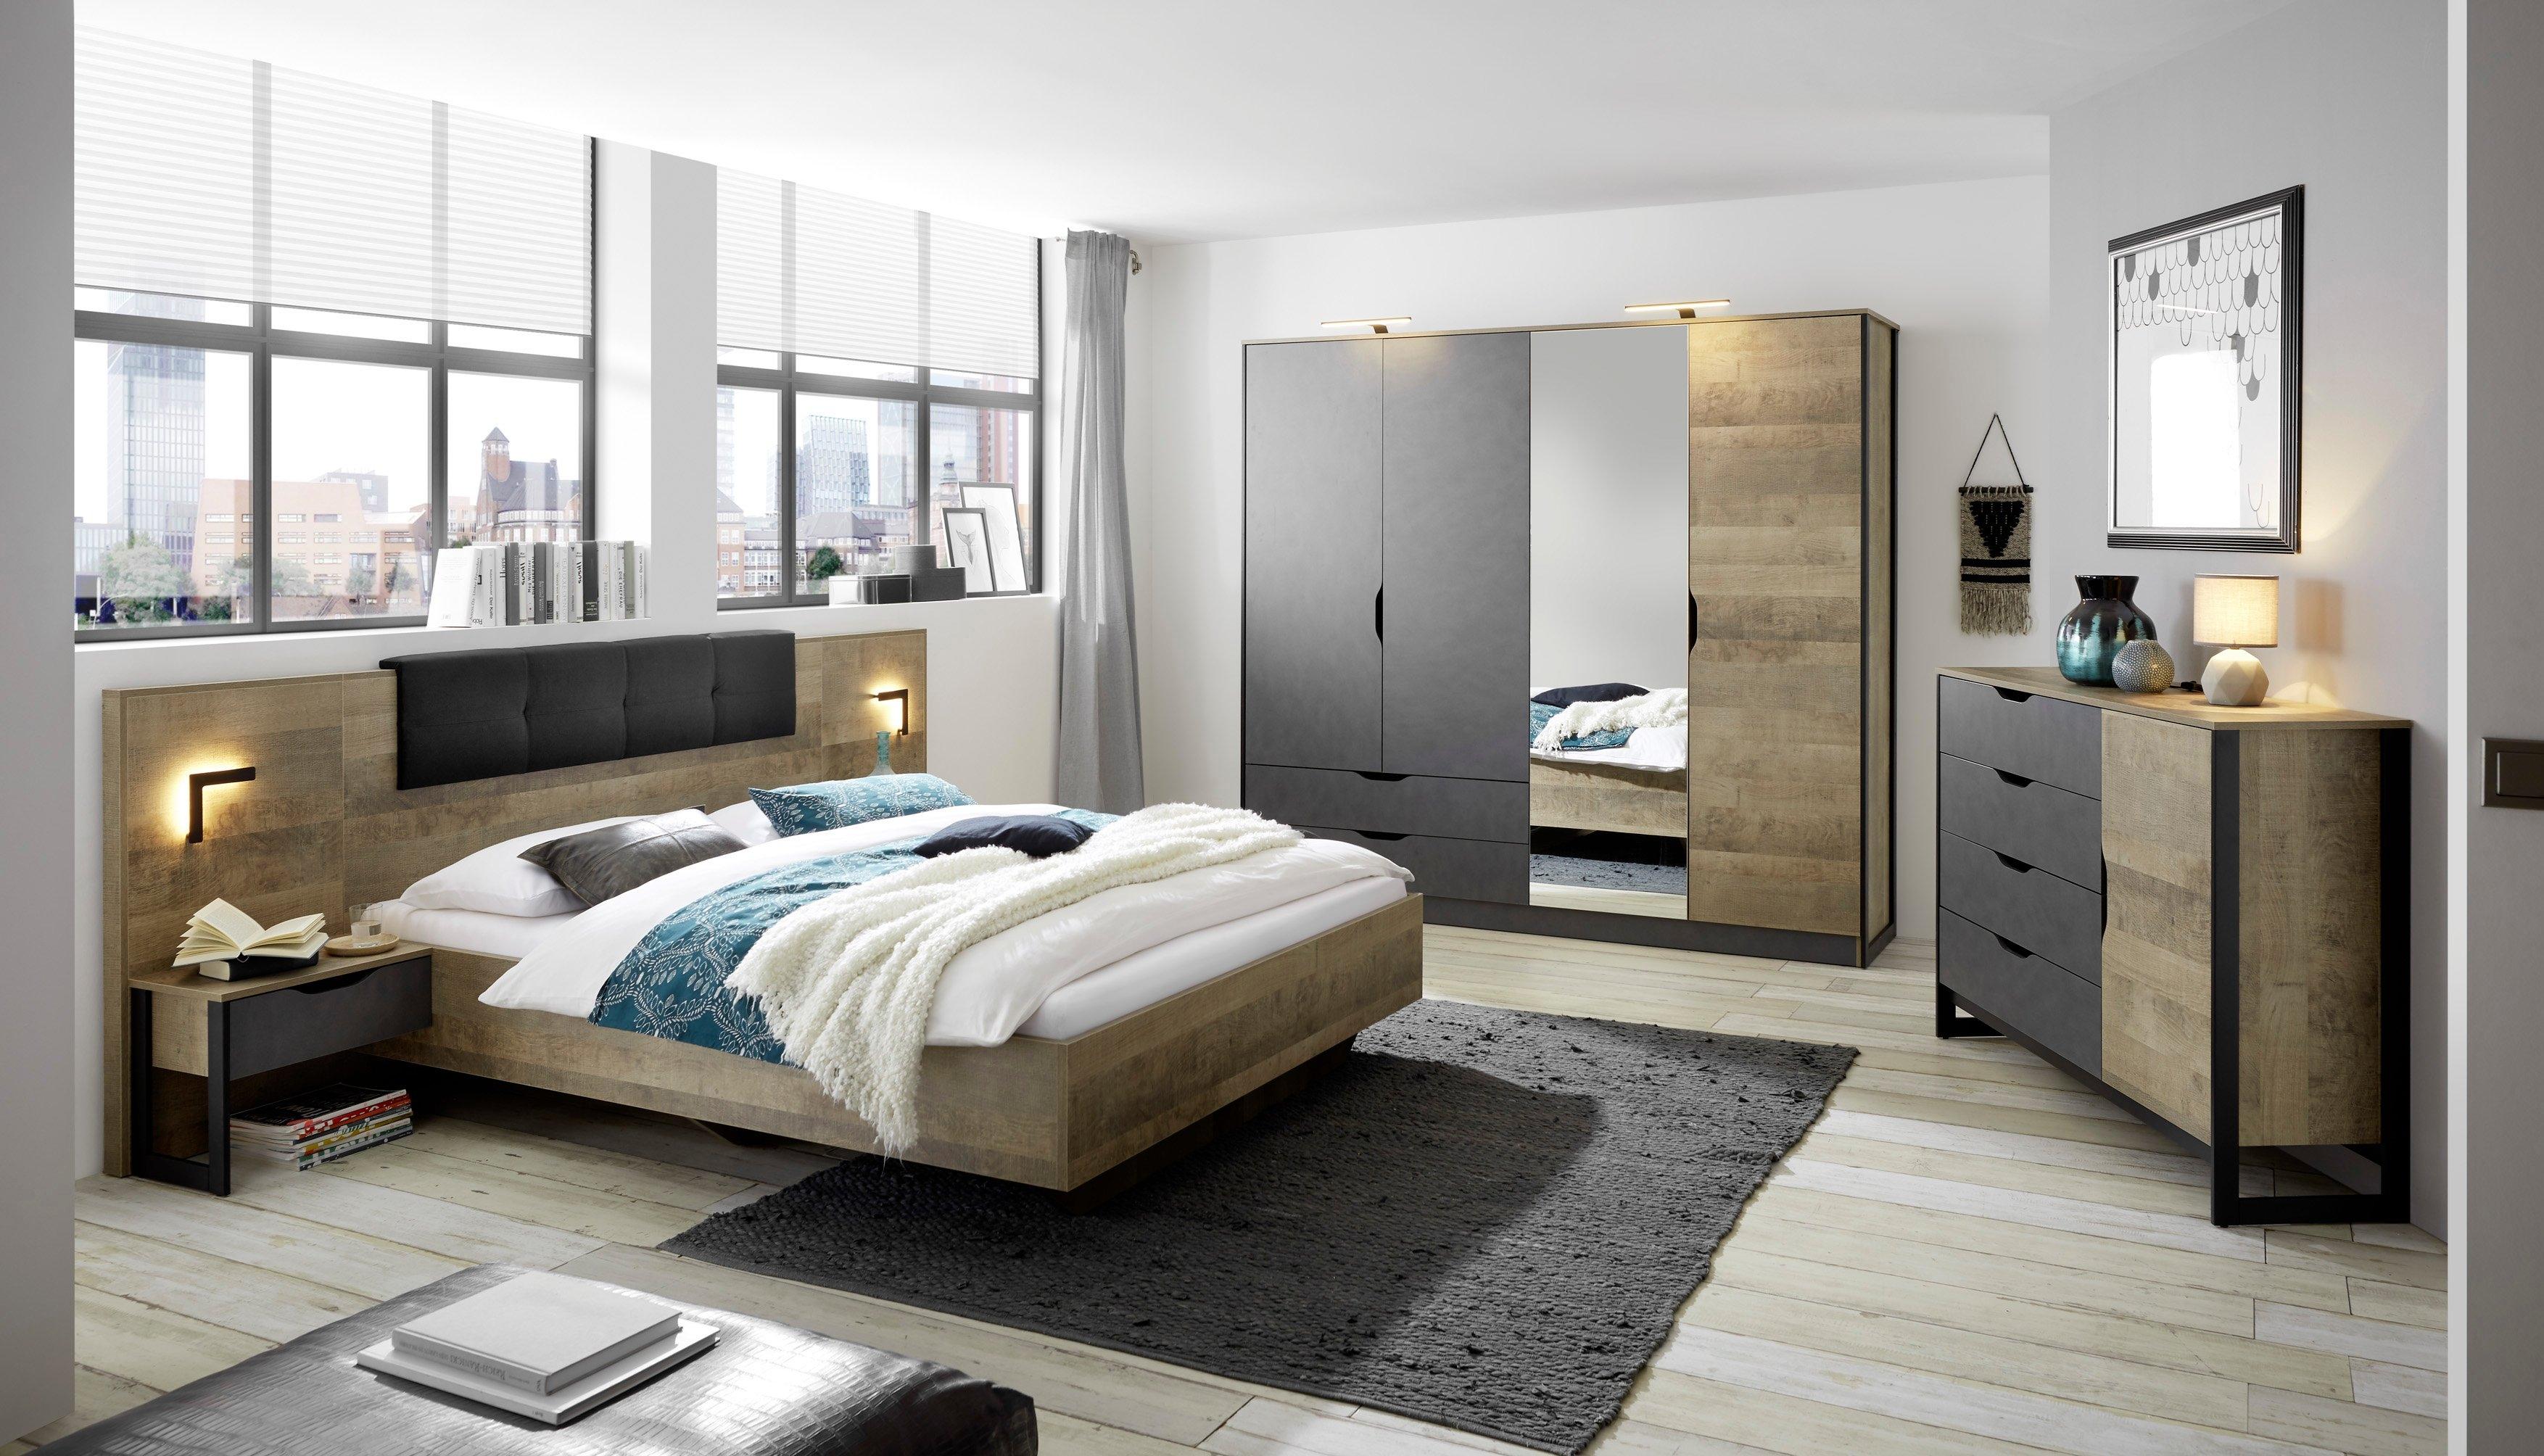 Places of Style slaapkamerserie MALTHE in trendy design (set, 5 stuks) veilig op otto.nl kopen